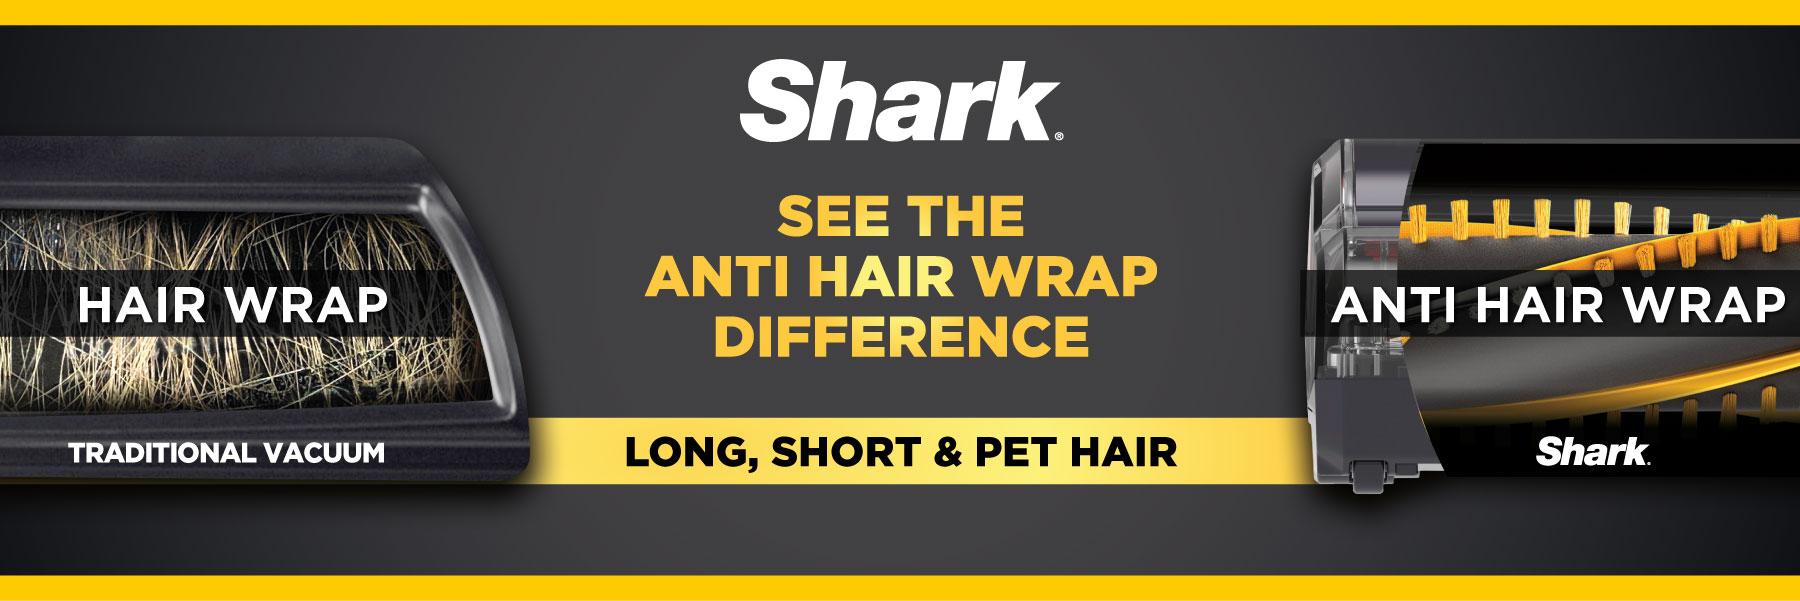 Anti Hair Wrap Technology 26 08 Shark Innovative